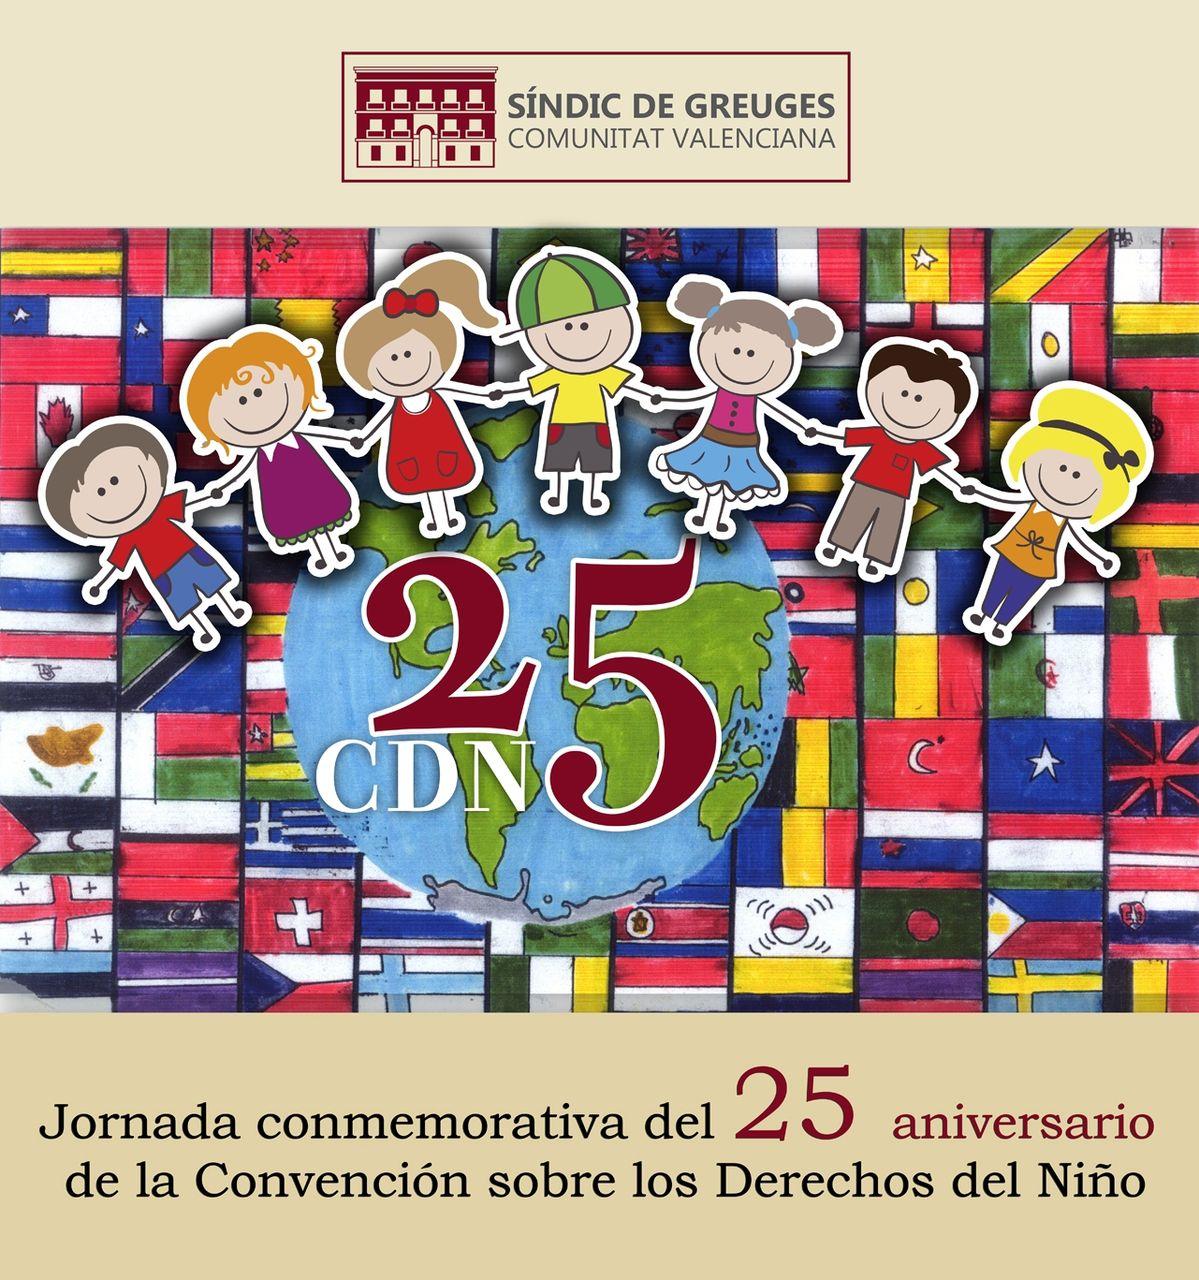 El Síndic conmemora hoy el 25 Aniversario de la Convención de los Derechos del Niño con una Jornada de trabajo